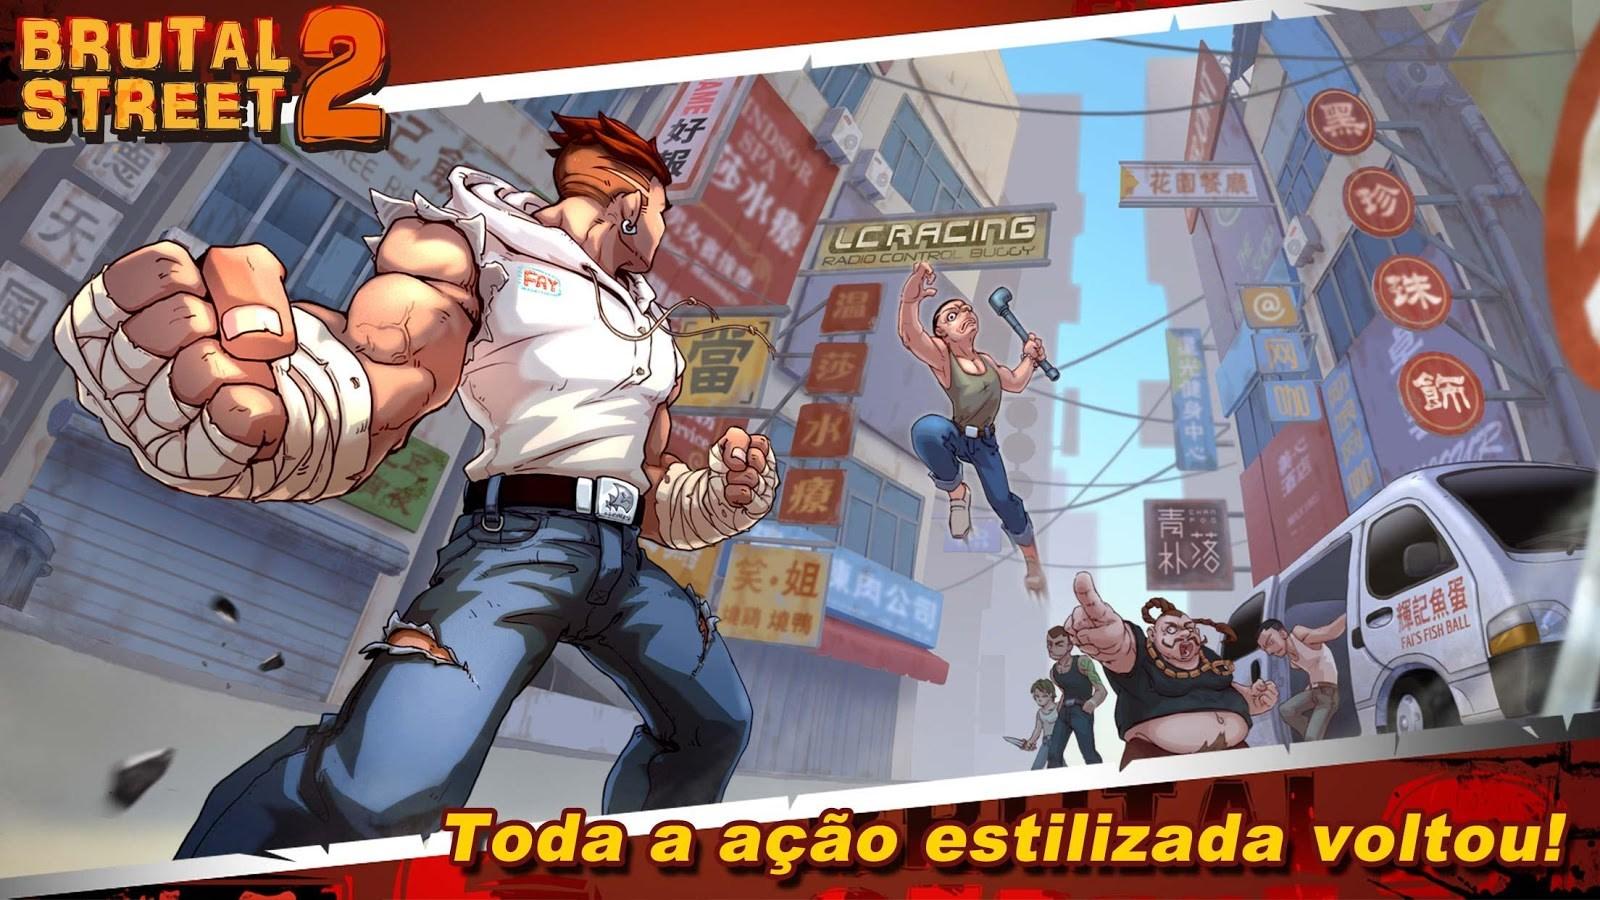 Brutal Street 2 - Imagem 1 do software